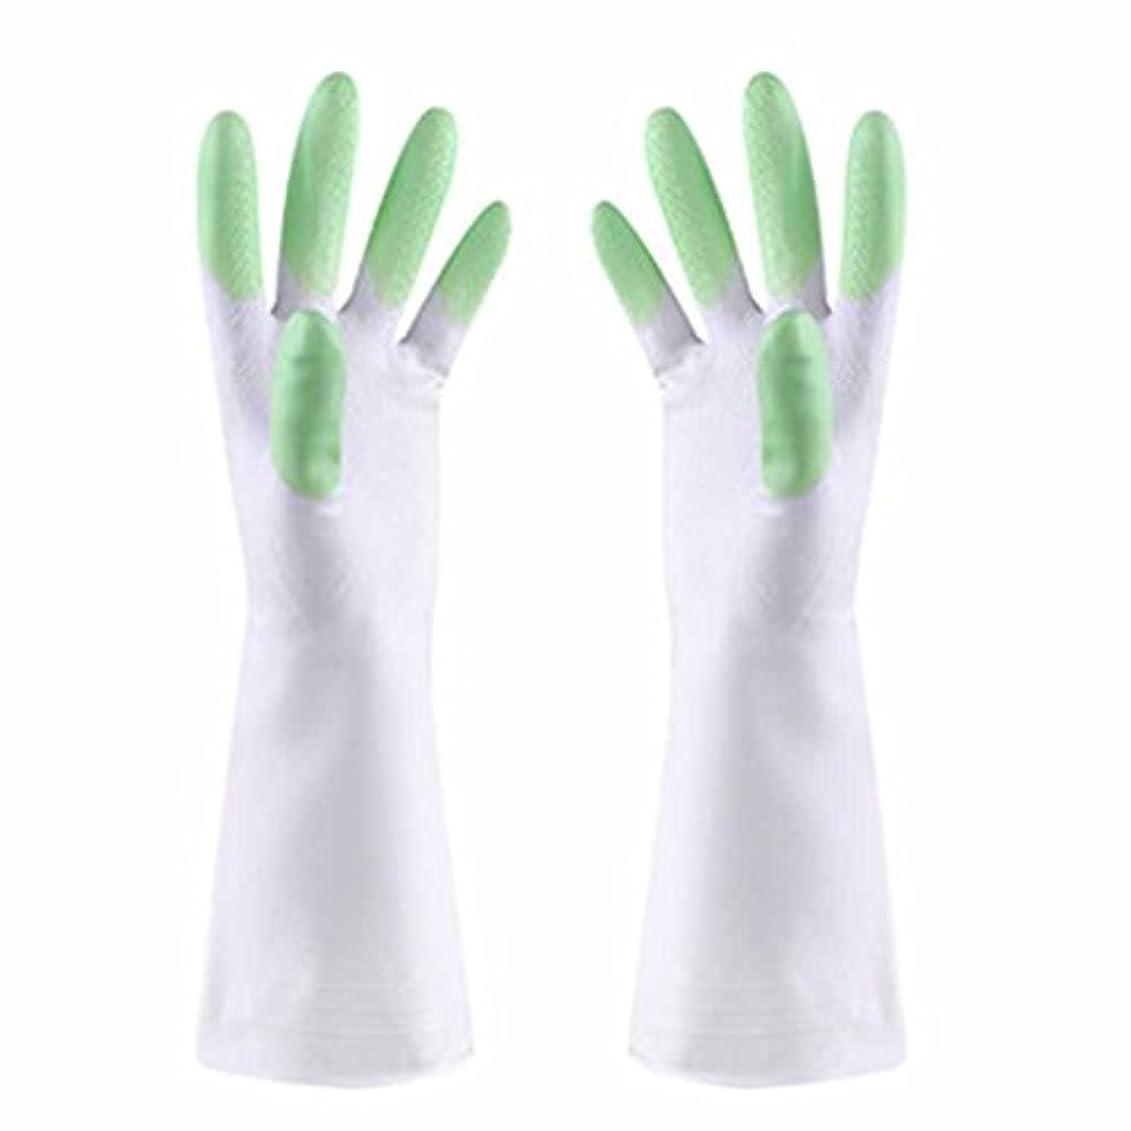 共産主義者アーサー誘う使い捨て手袋 防水性と耐油性の薄い手袋PVCスマートで耐久性の高いキッチン多機能手袋 (Color : Green)